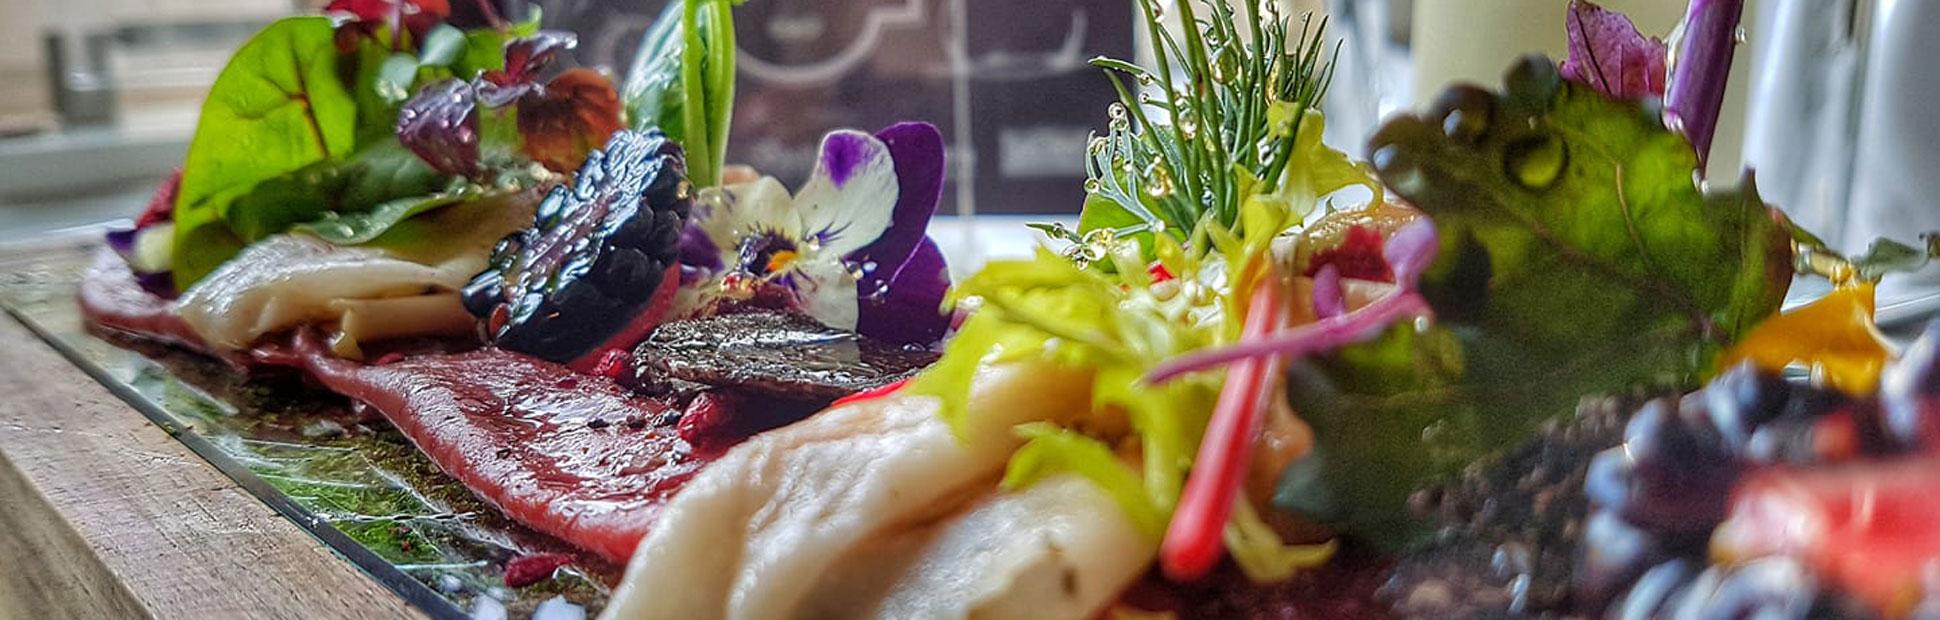 Restaurant GeistReich Bielefelder Kochquintett 2020